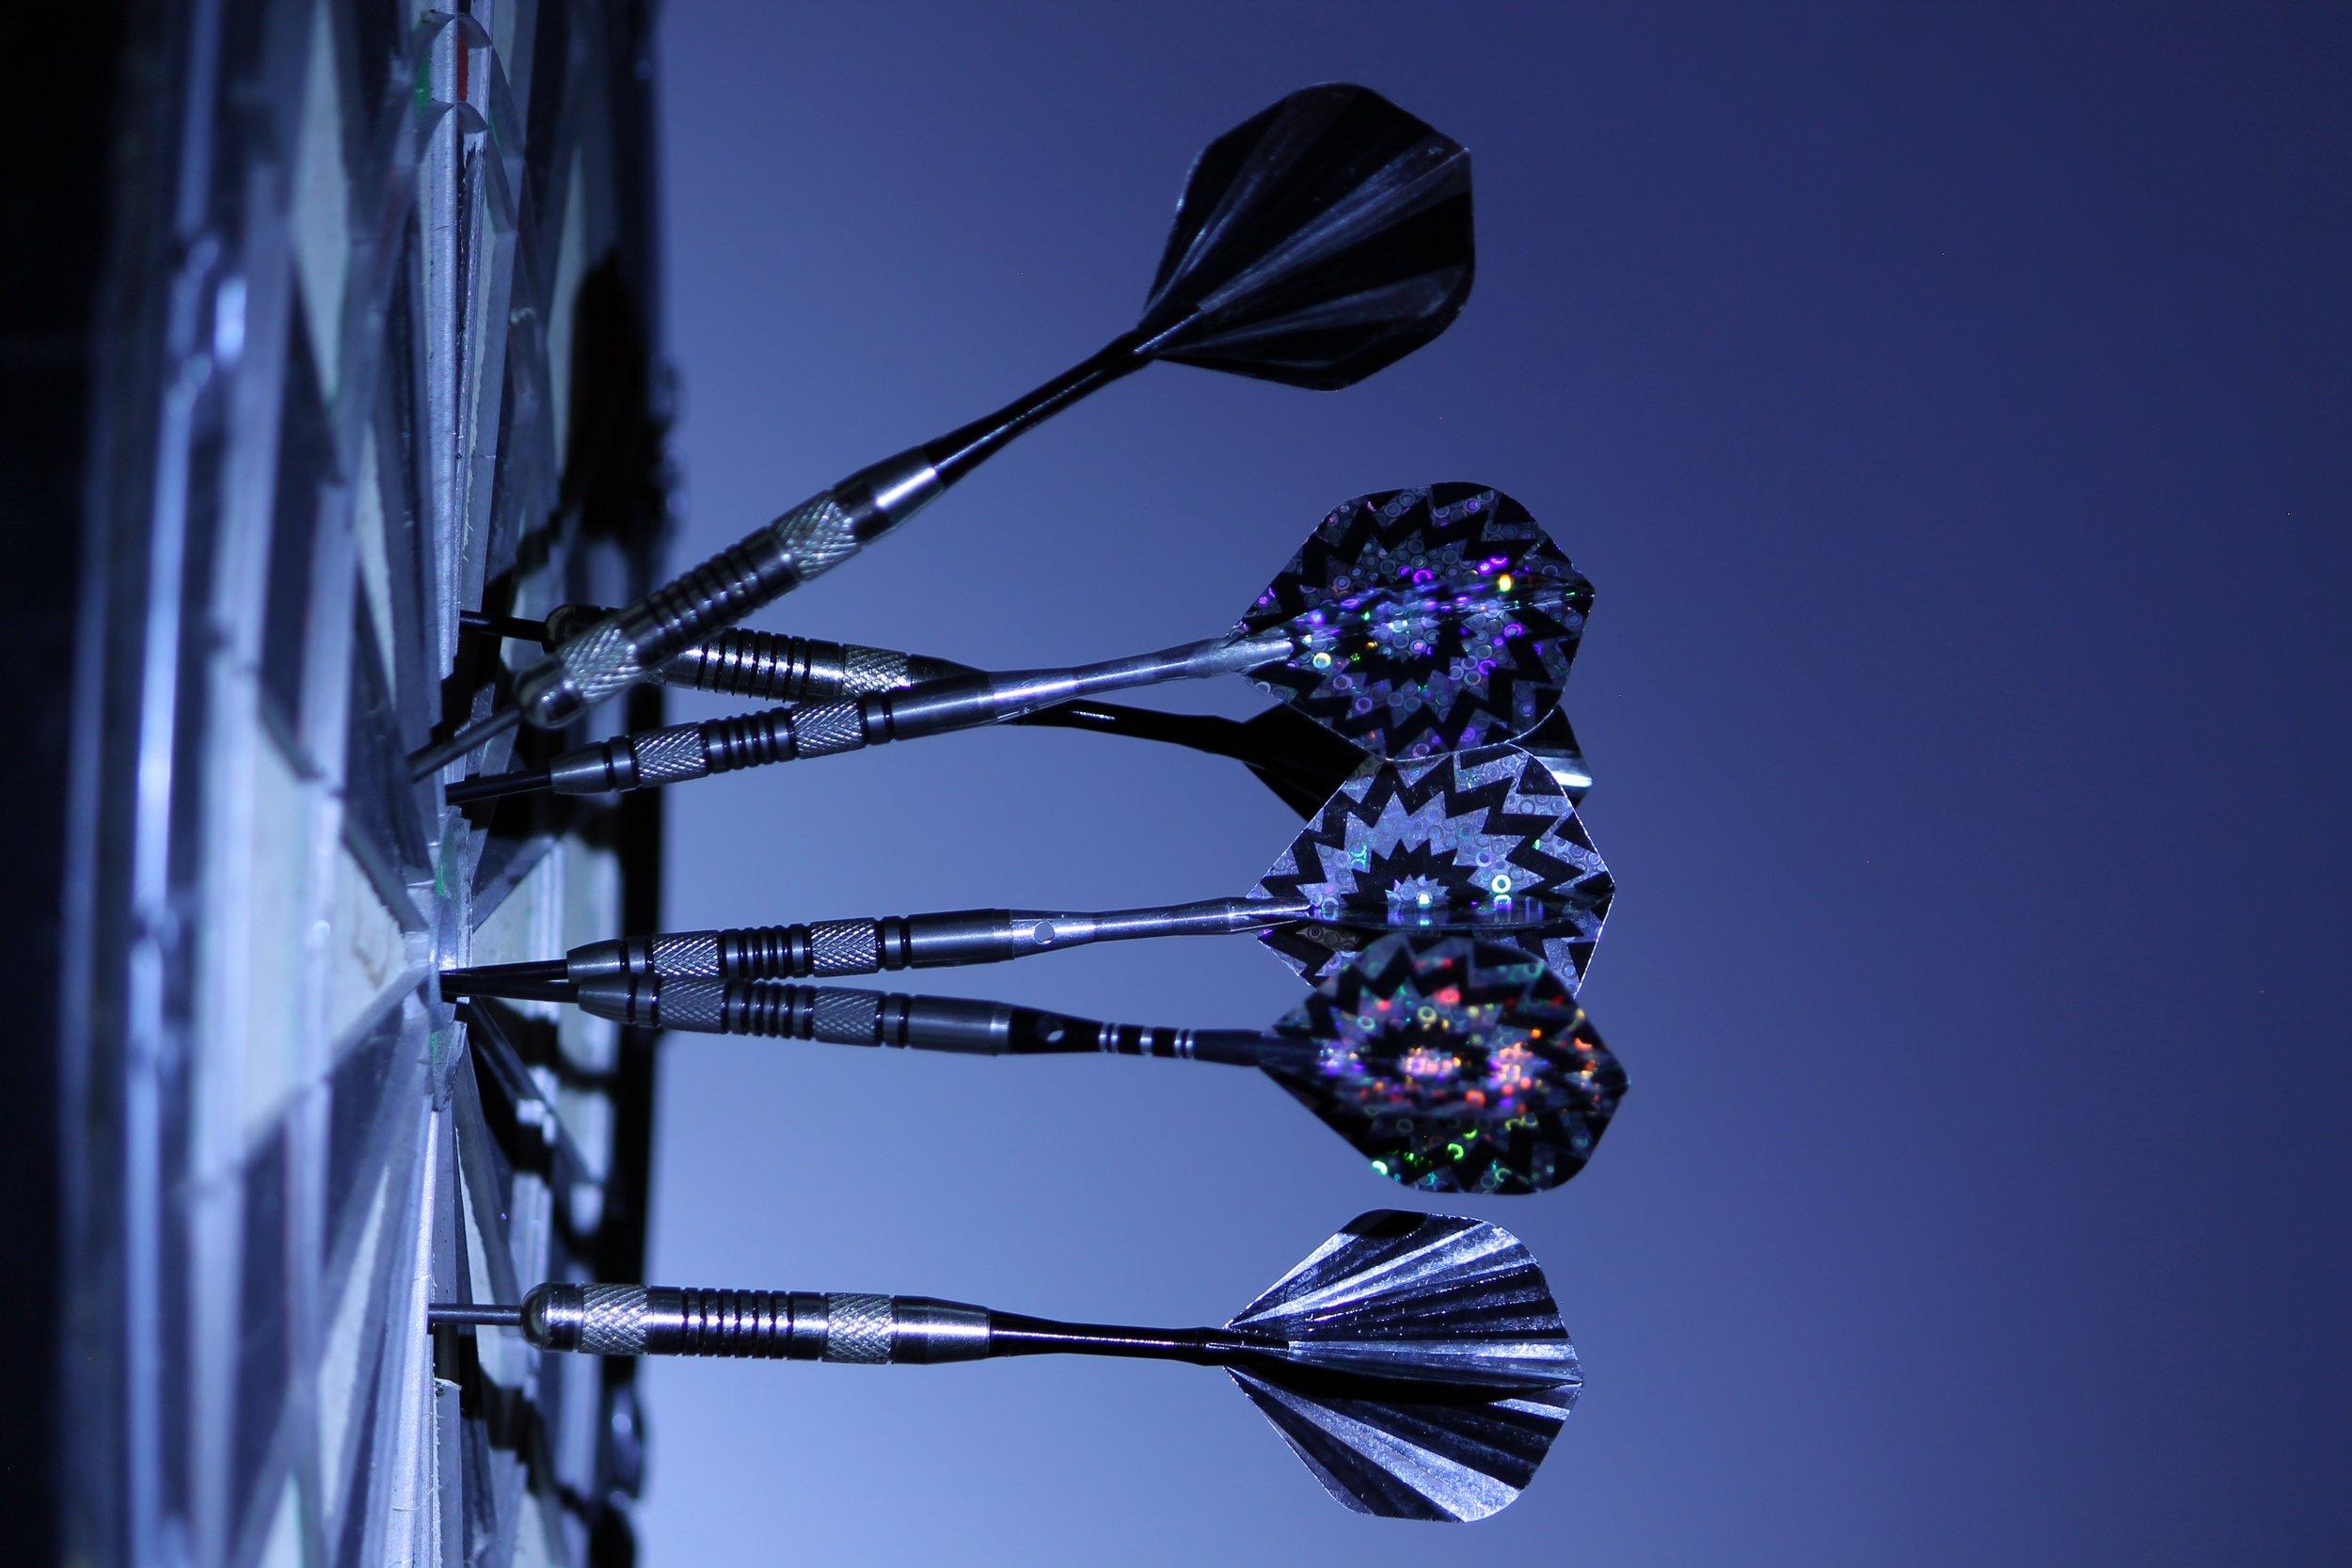 darts-dart-board-bull-s-eye-game-70459.jpeg